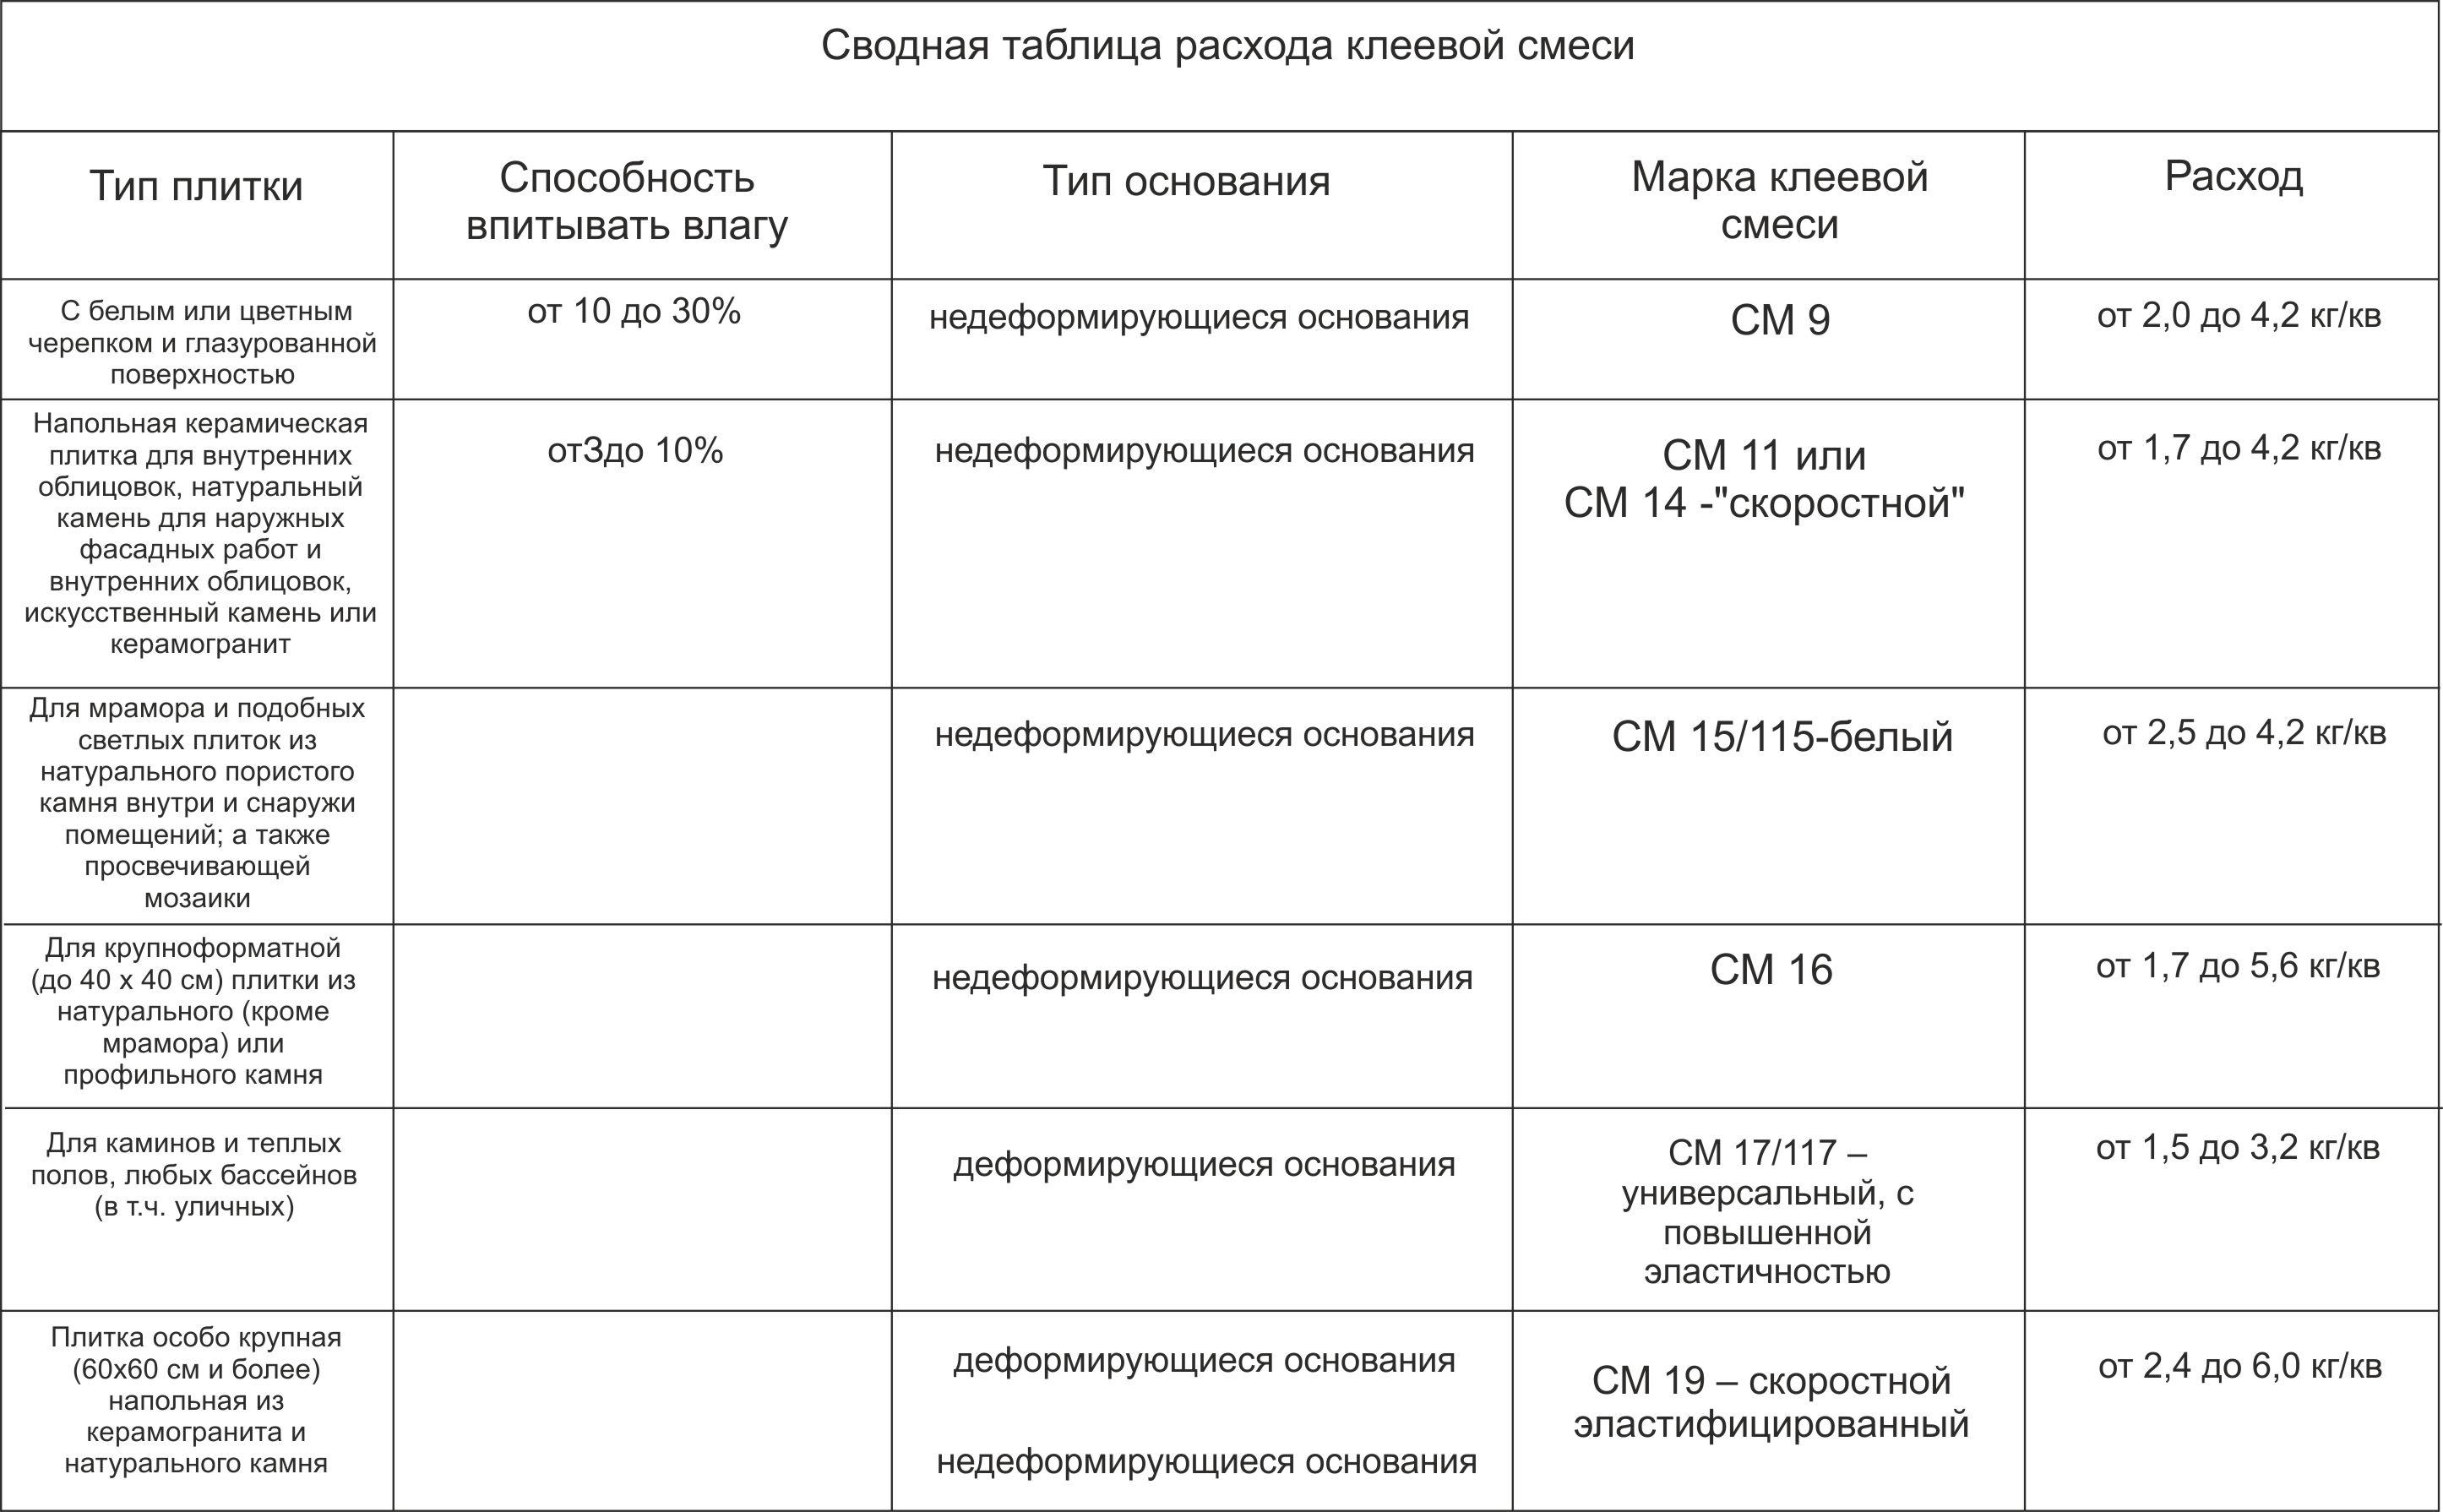 Таблица расчета клея для плитки